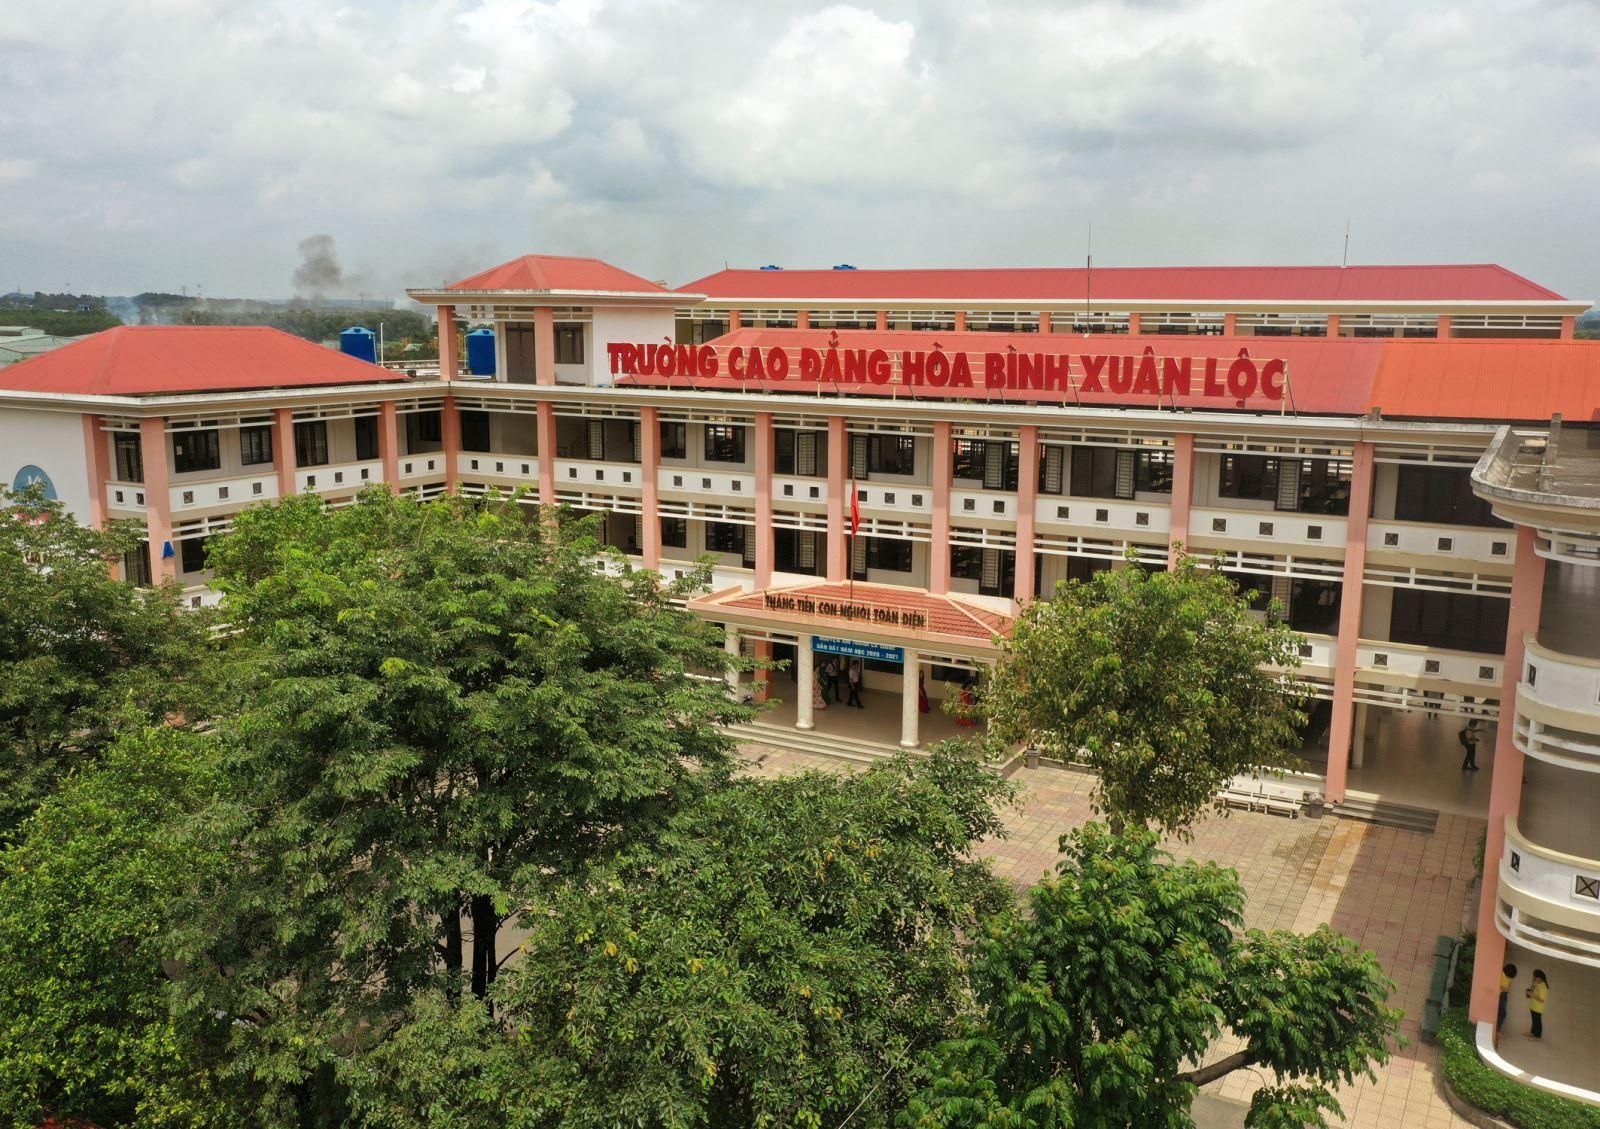 Trường Cao đẳng Hòa Bình Xuân Lộc sắp thành lập Cơ sở 2- Phân hiệu Long Khánh